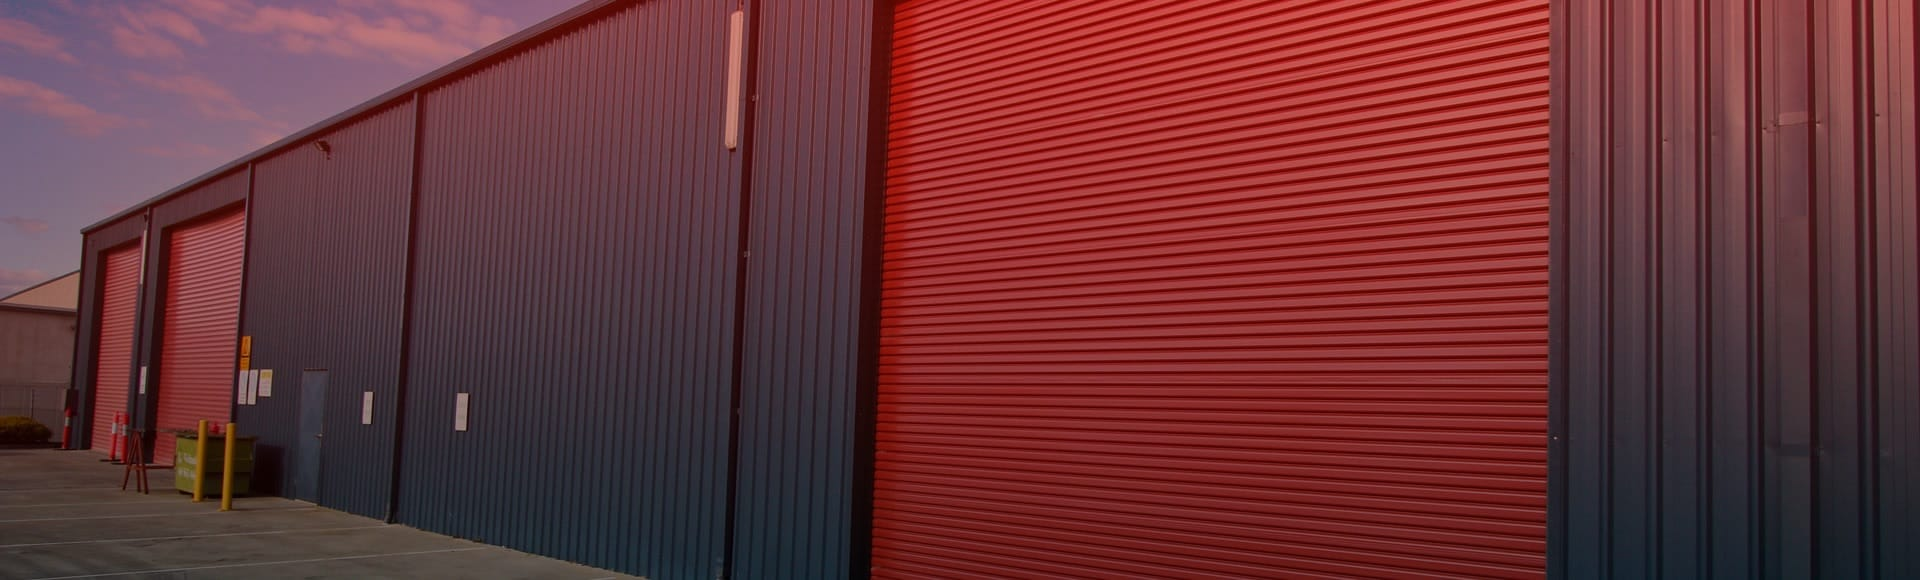 Garage Roller Door Styles